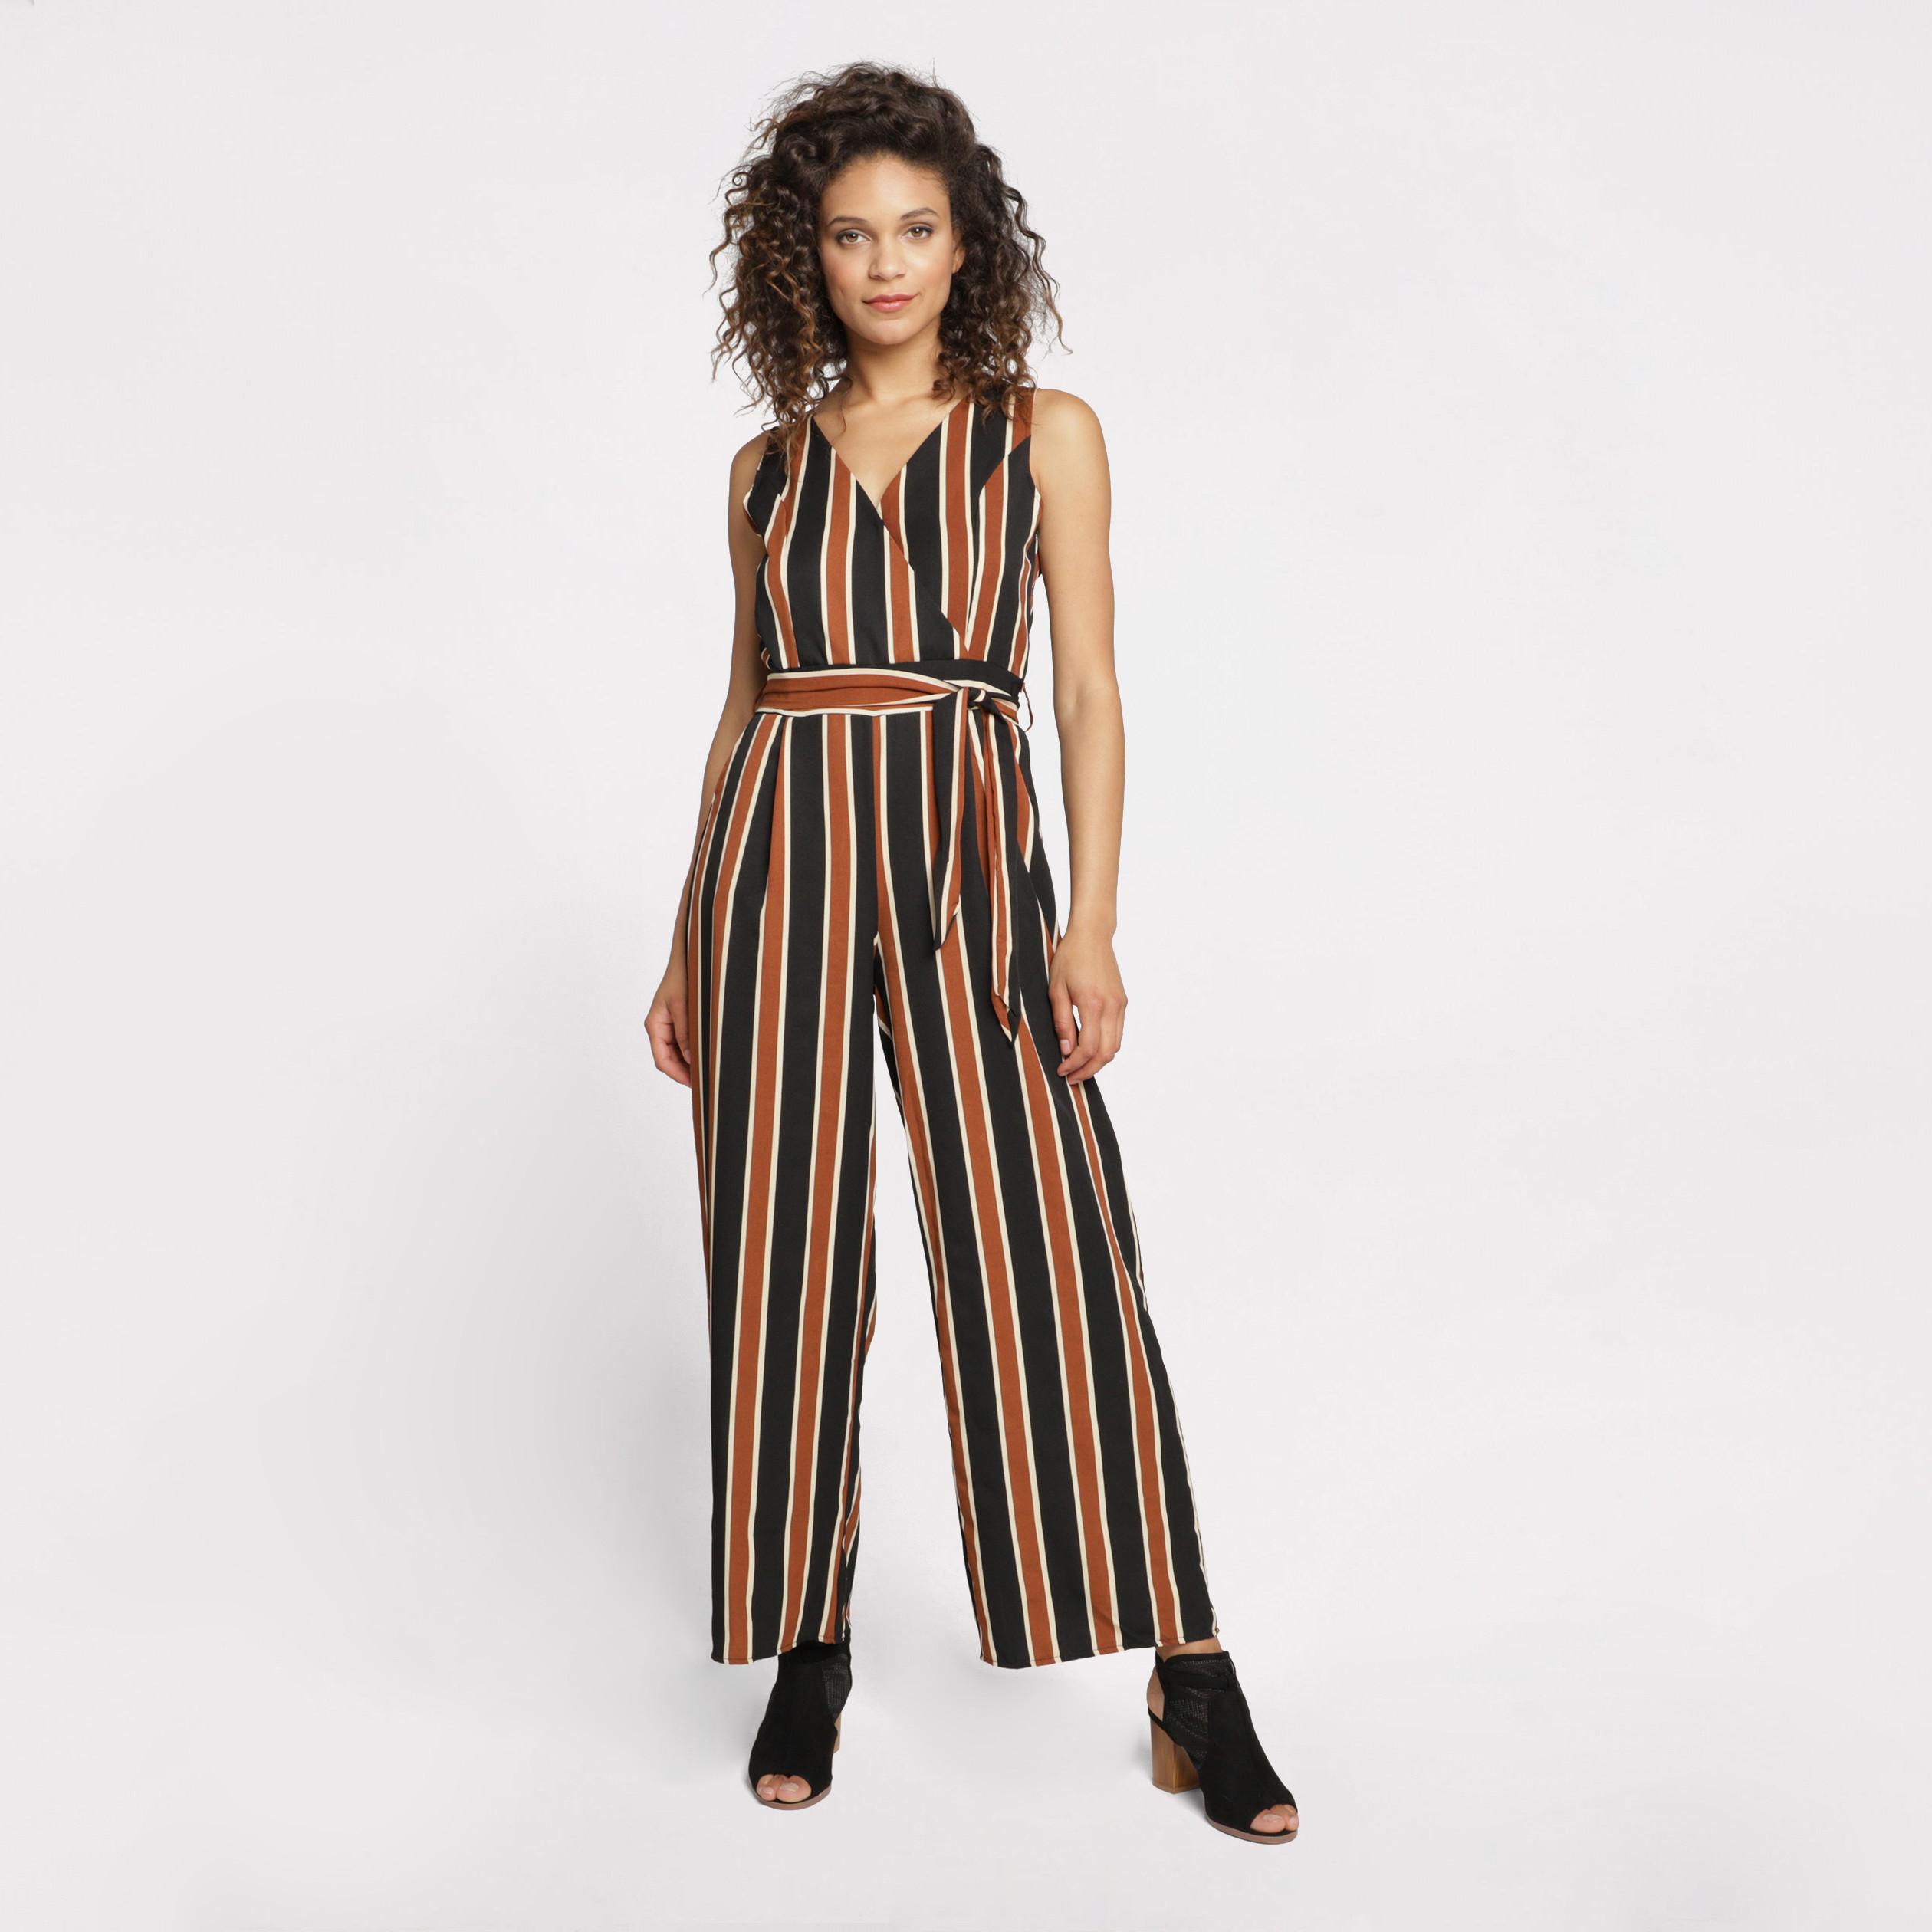 Super remise 100% de qualité supérieure photos officielles Combinaison-pantalon large orange foncé femme